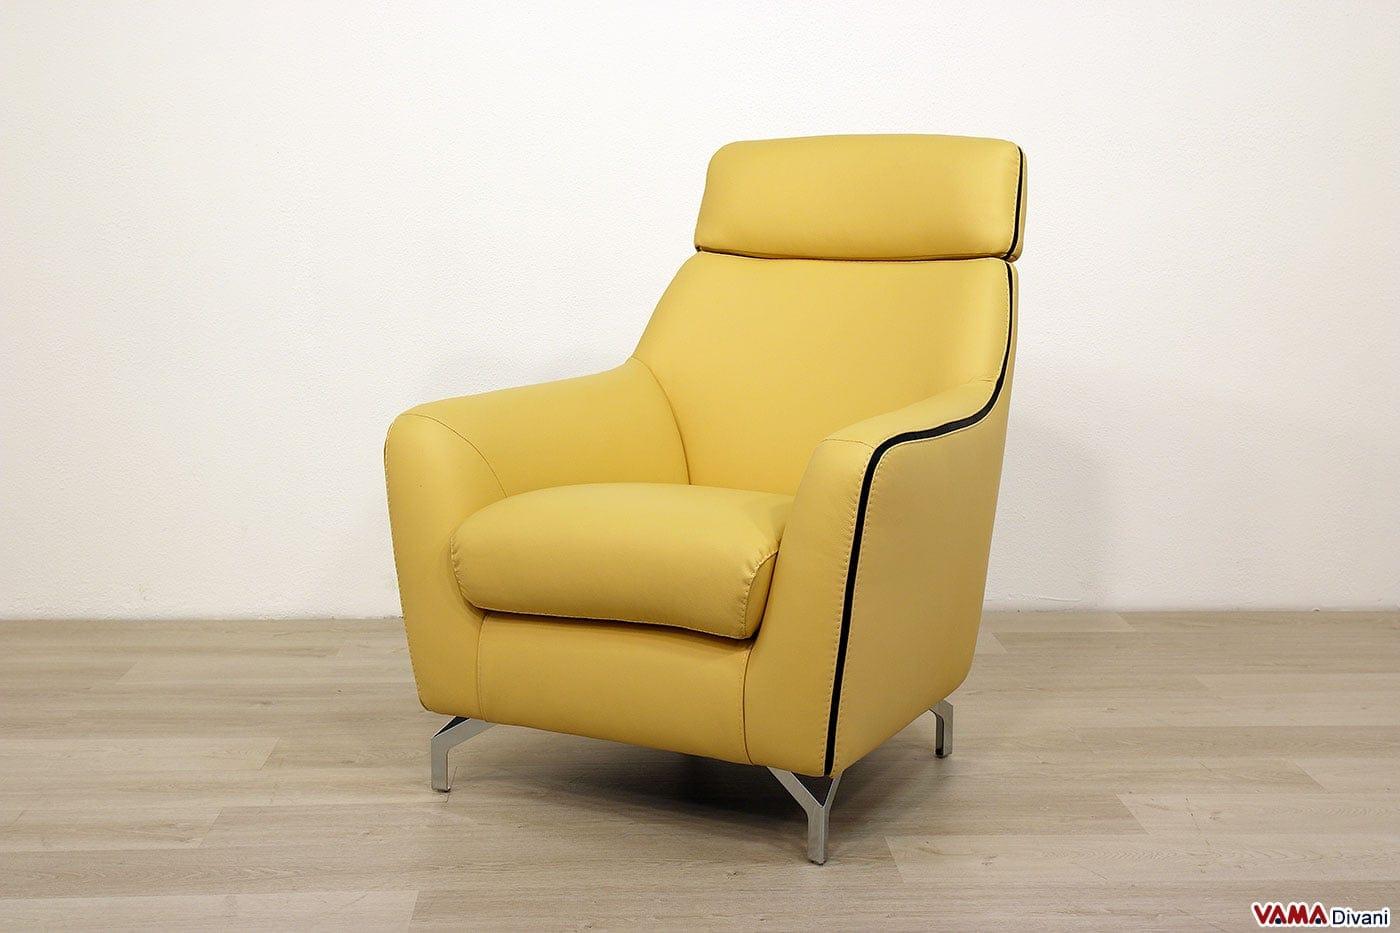 Poltrone moderne in pelle e in tessuto comode e di design - Poltrone di design ...